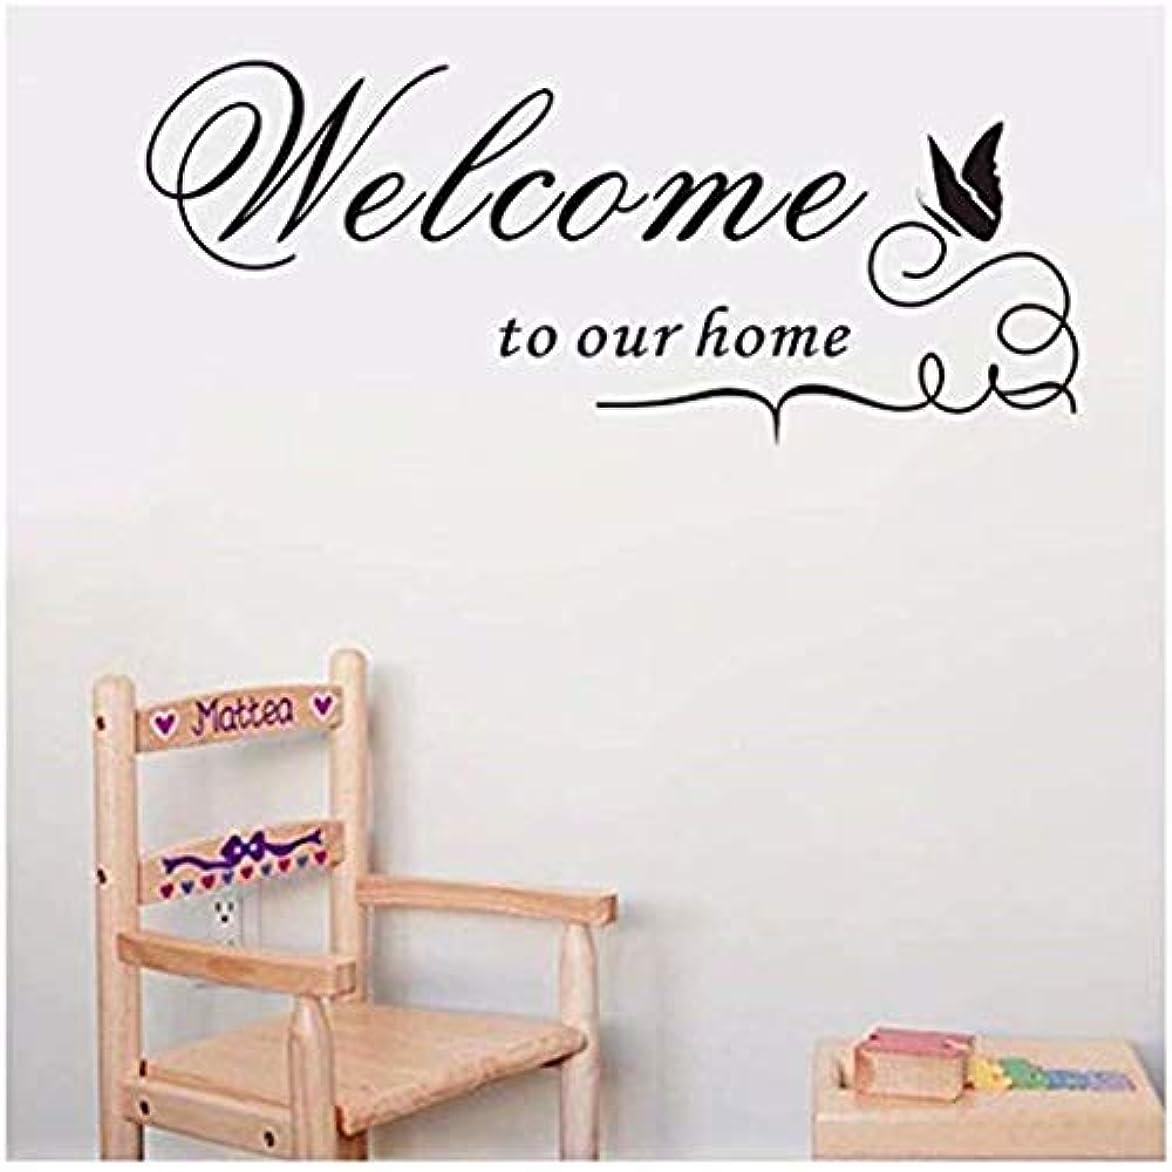 義務国籍特許七里の香 プレミアム ウォールステッカー 壁紙シール ウォールシールWelcome to Our Home 便利